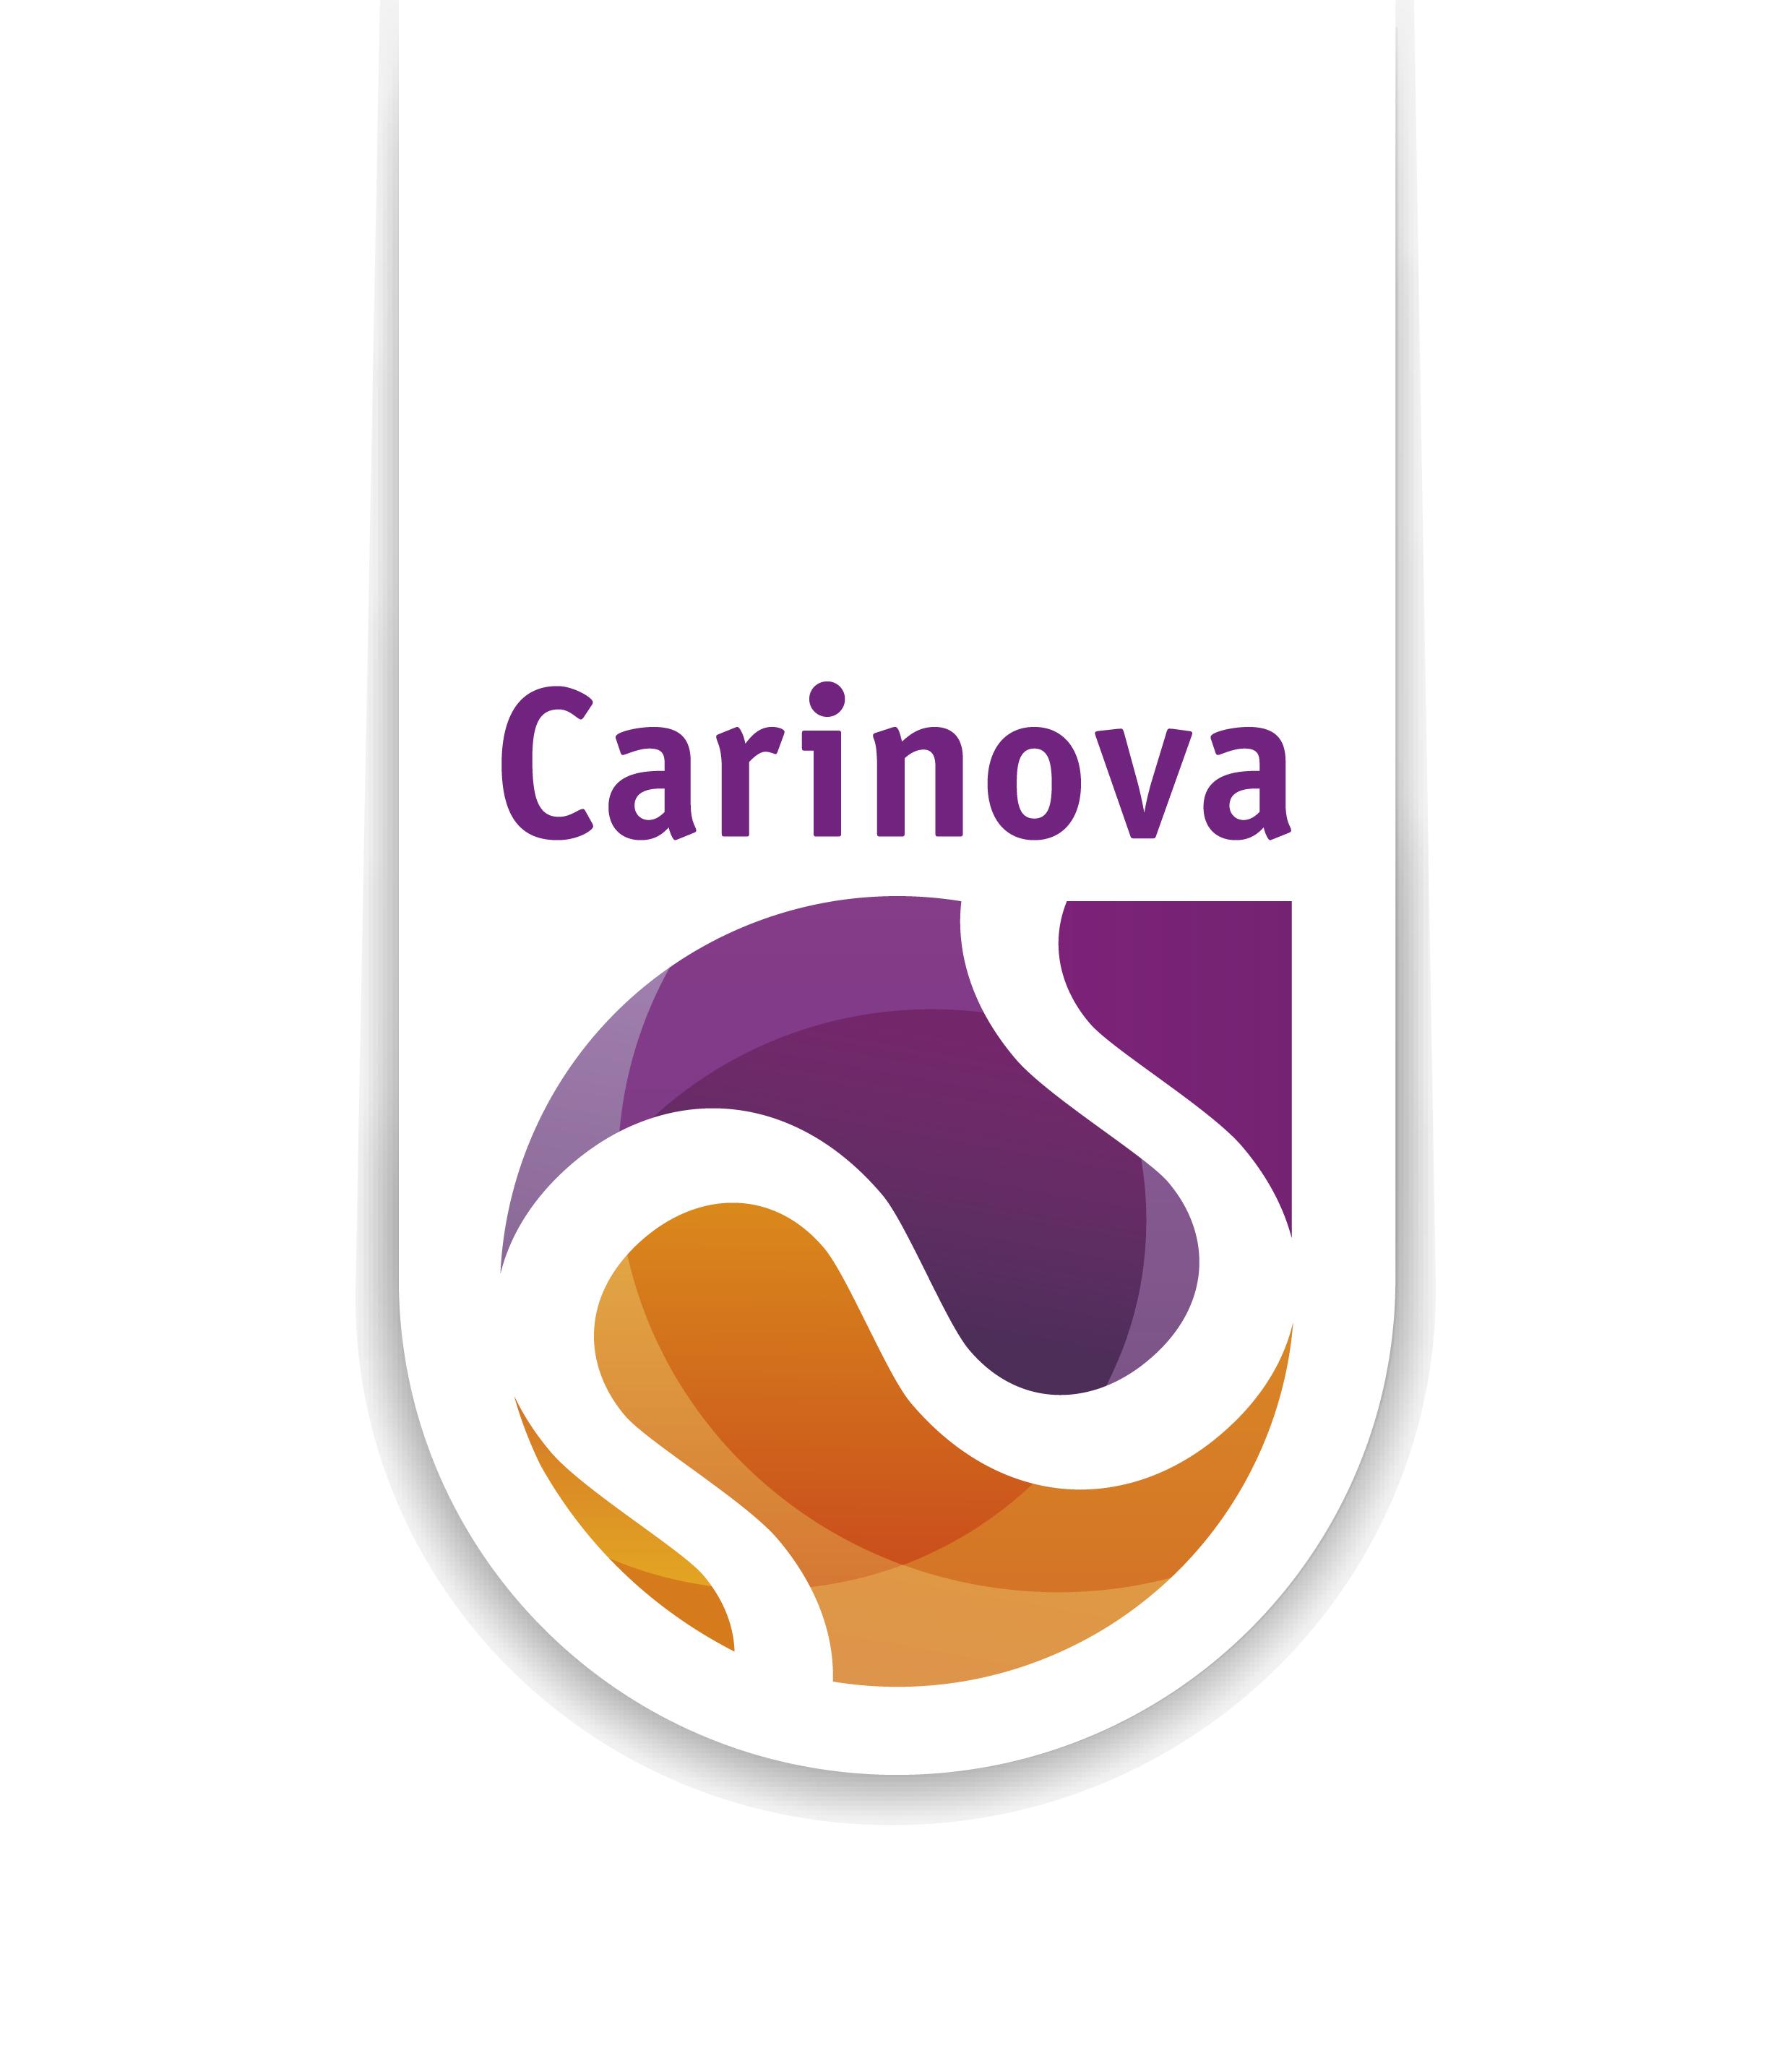 Carinova logo